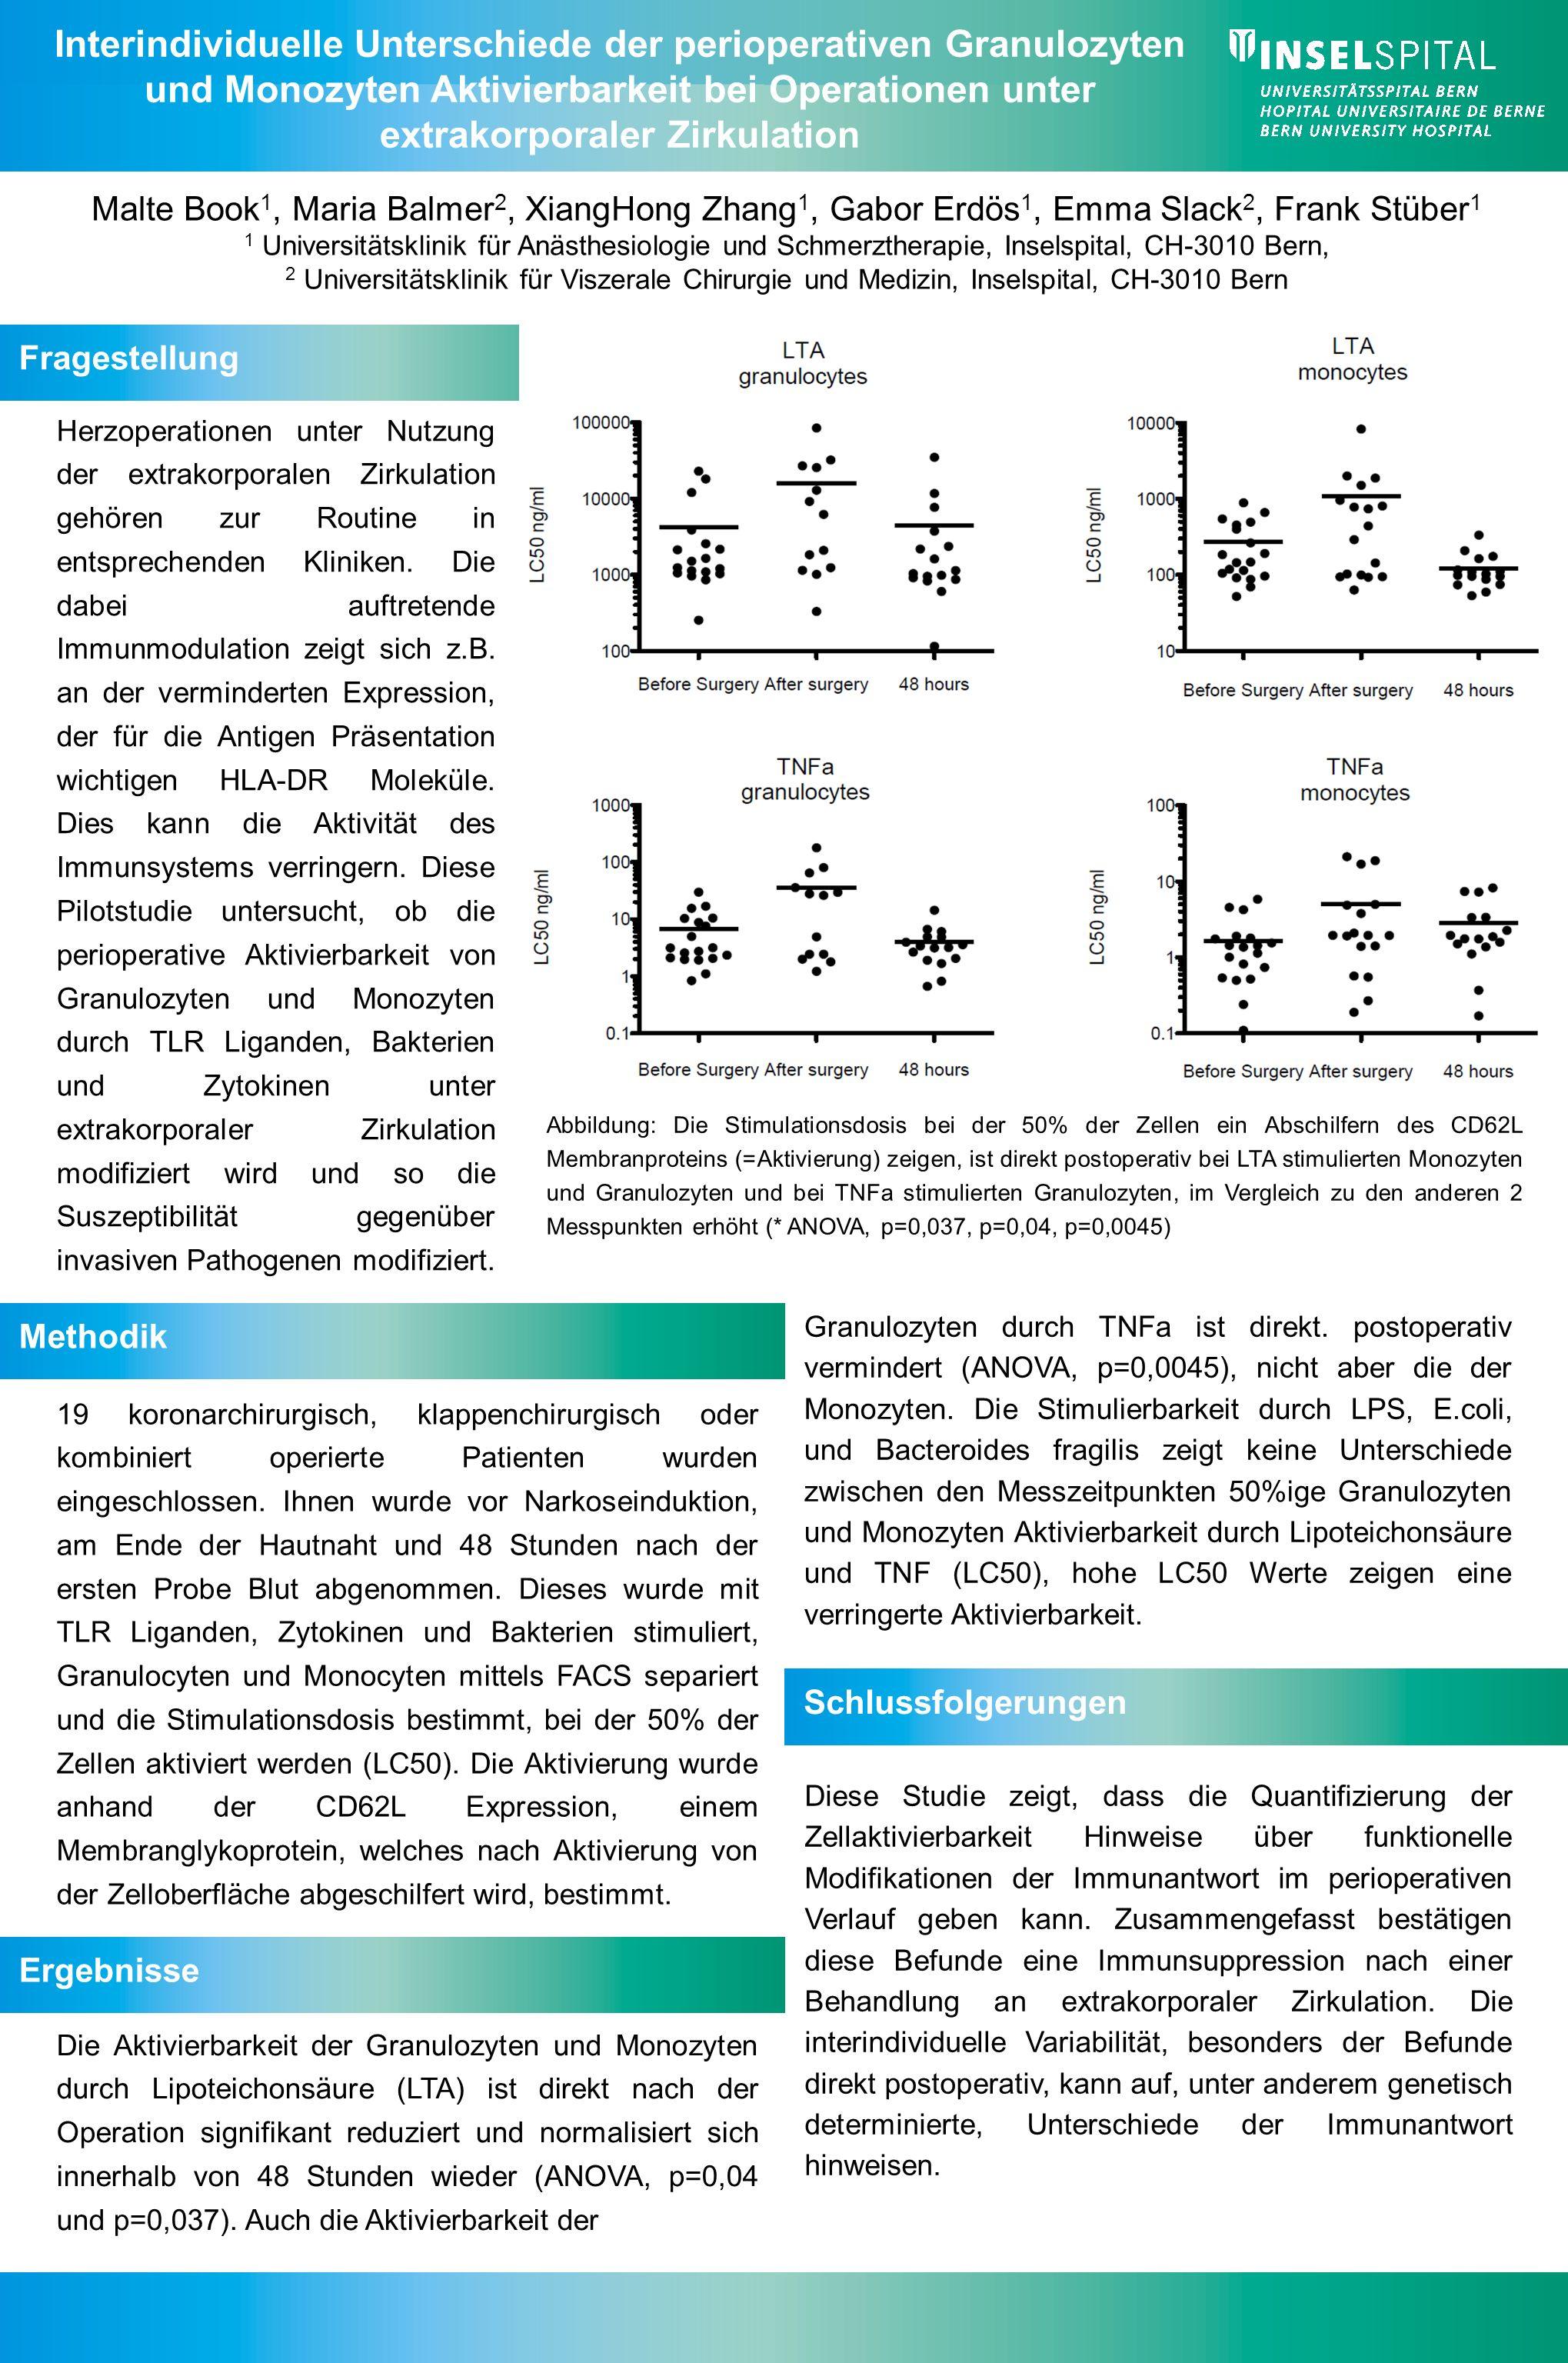 Fragestellung Interindividuelle Unterschiede der perioperativen Granulozyten und Monozyten Aktivierbarkeit bei Operationen unter extrakorporaler Zirku